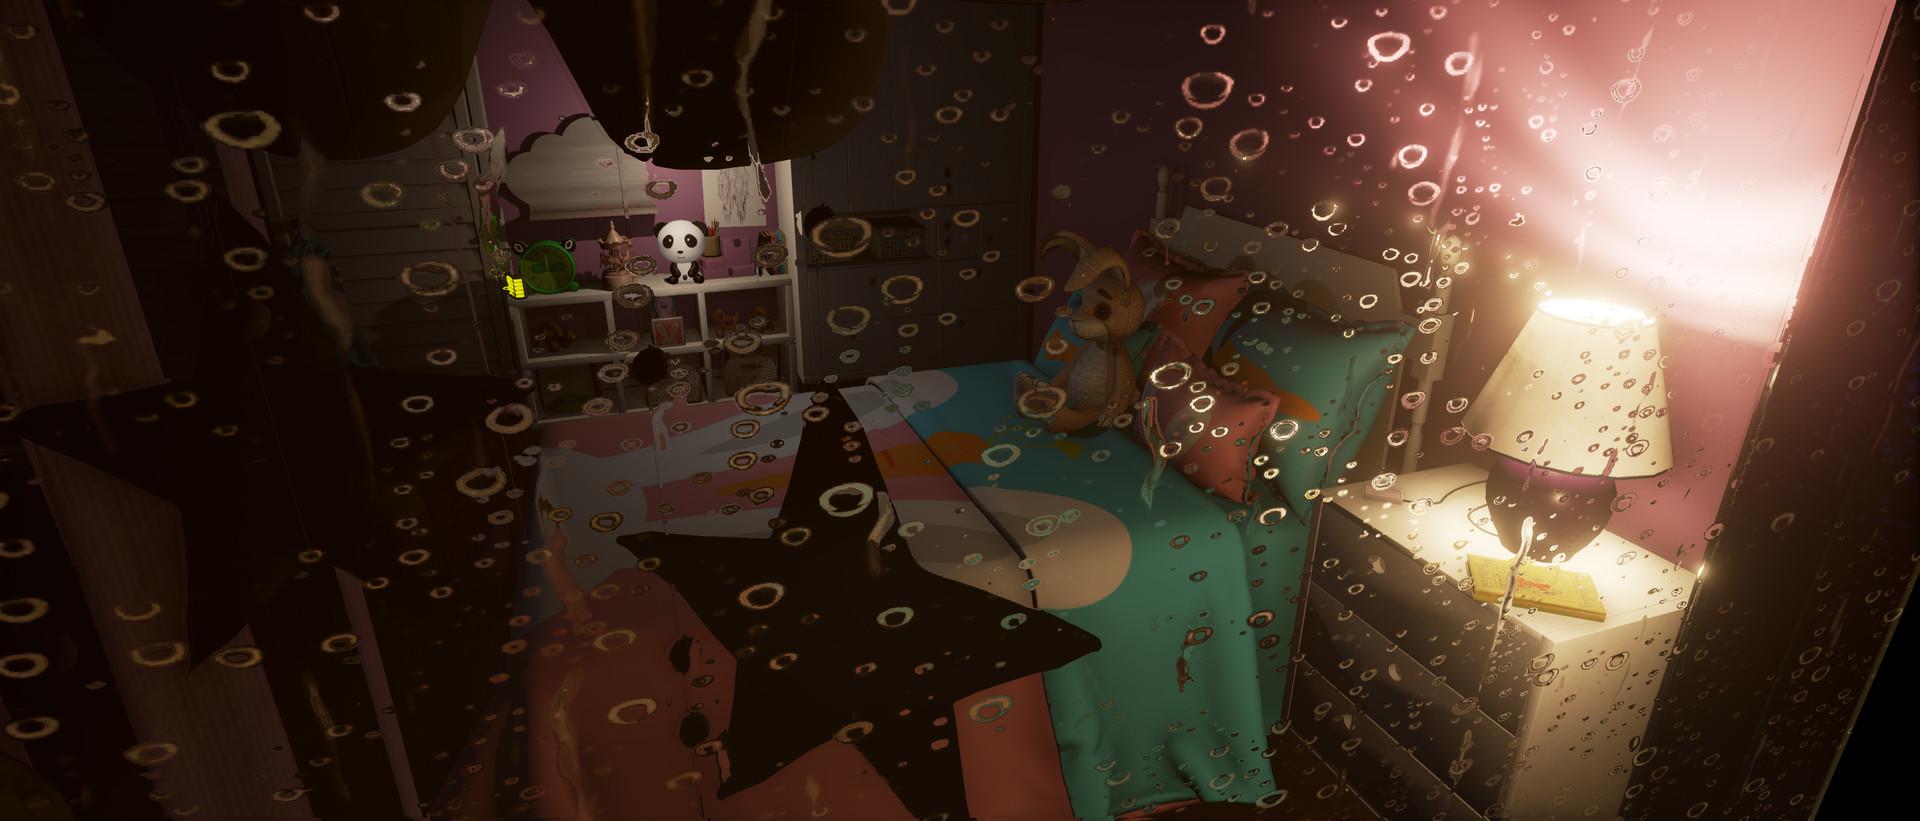 Boogeyman 2 Screenshot 3